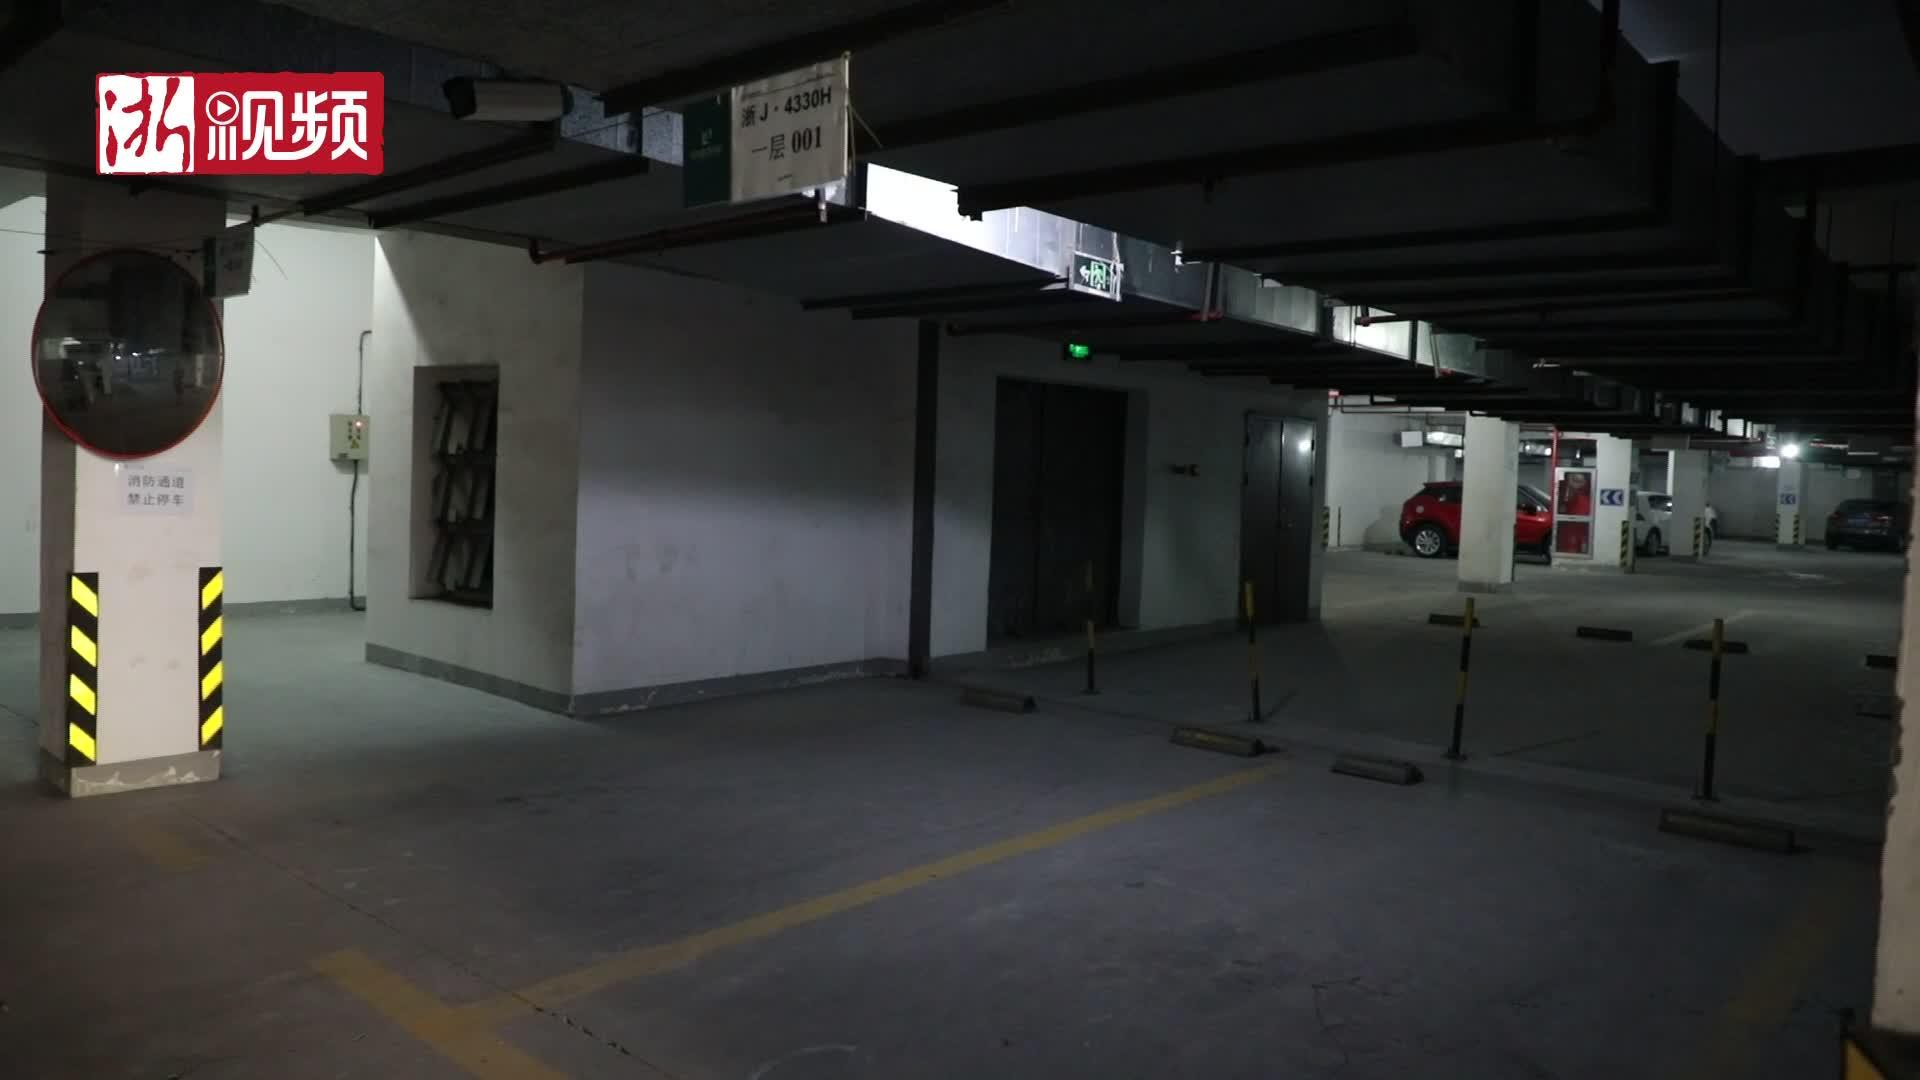 安全通道被占 残疾人车位被卖 杭州一小区地下车库乱象